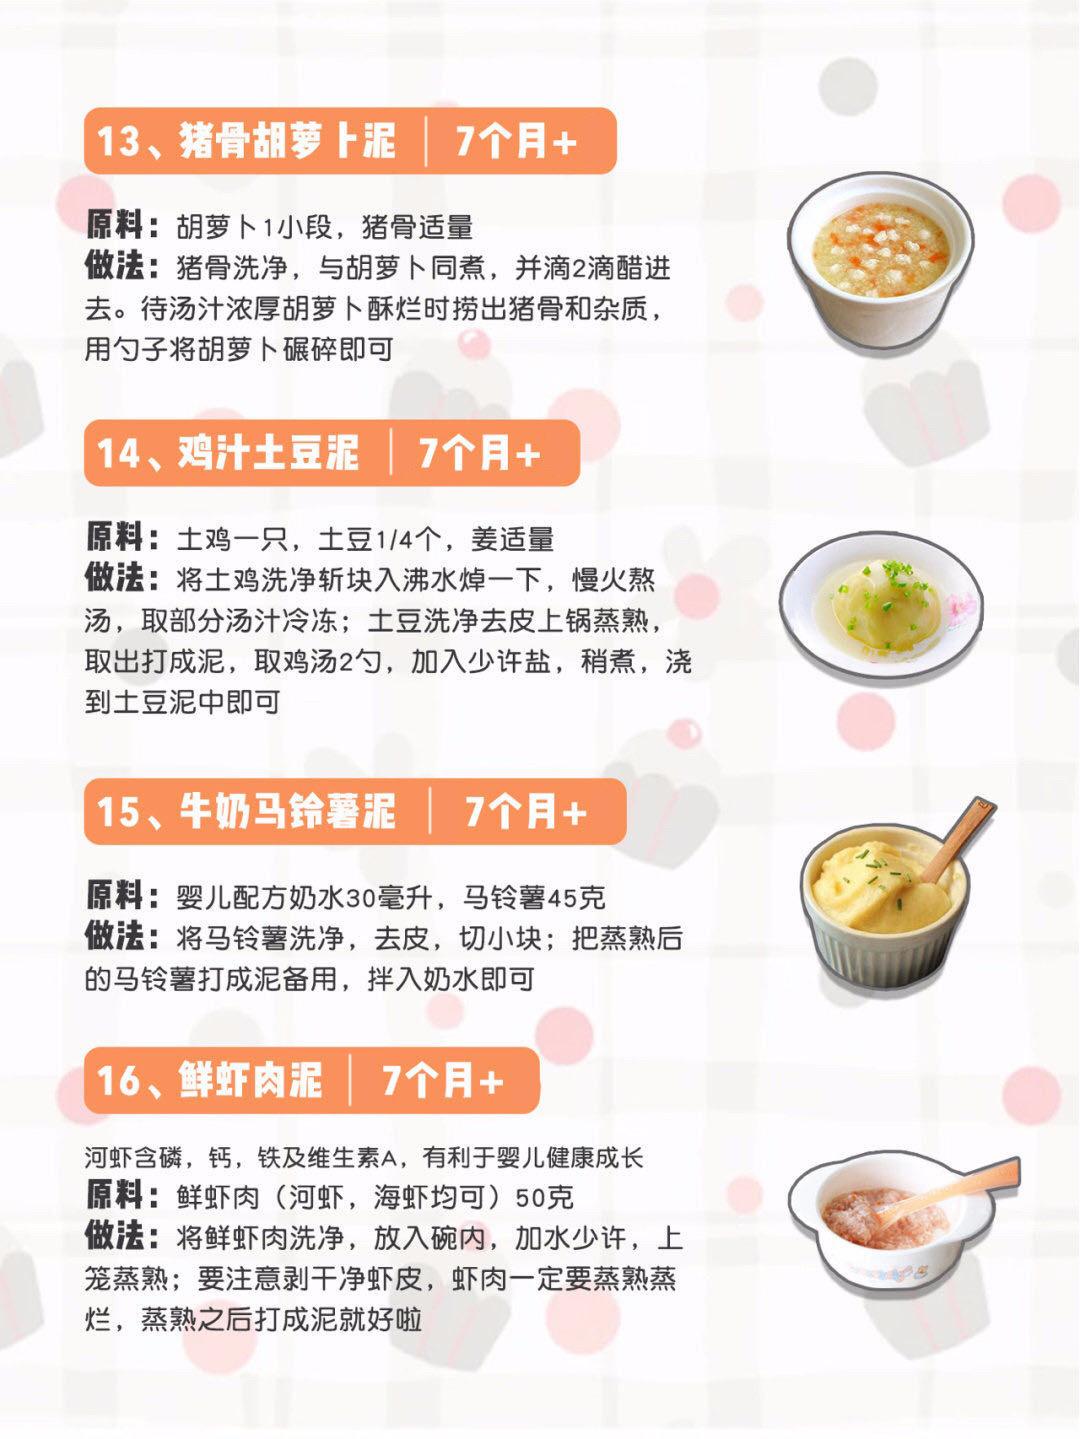 6-12月宝宝30款辅食食谱附详细做法